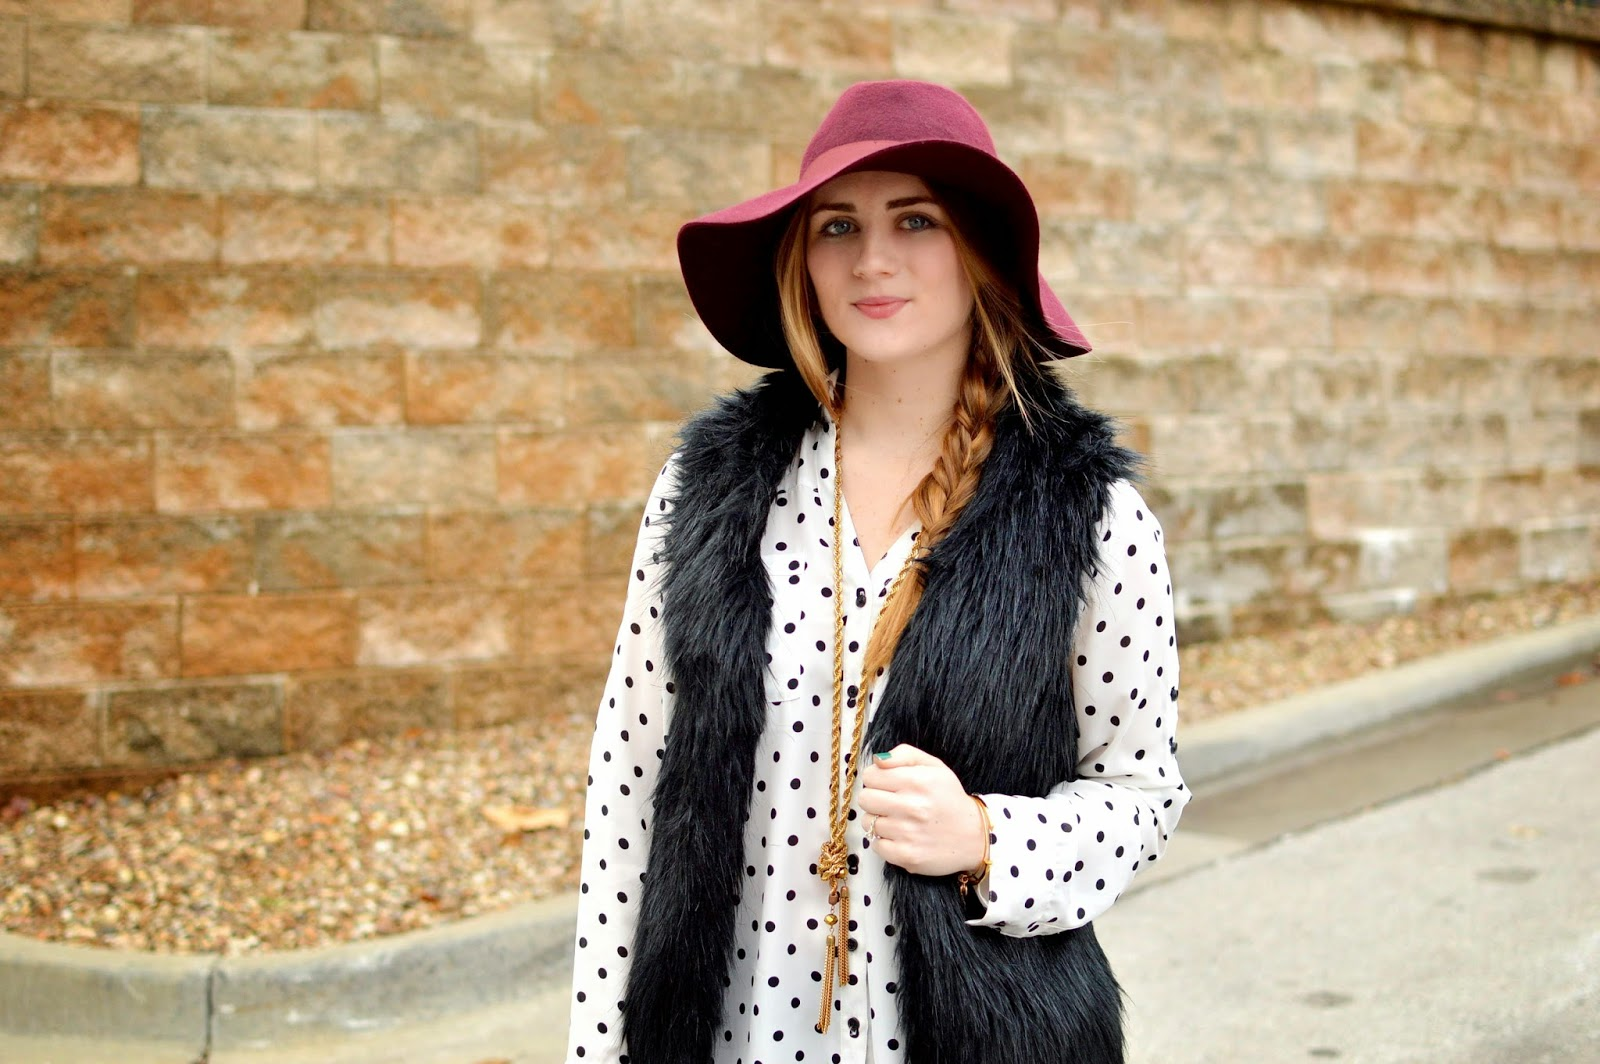 faux fur and polka dots